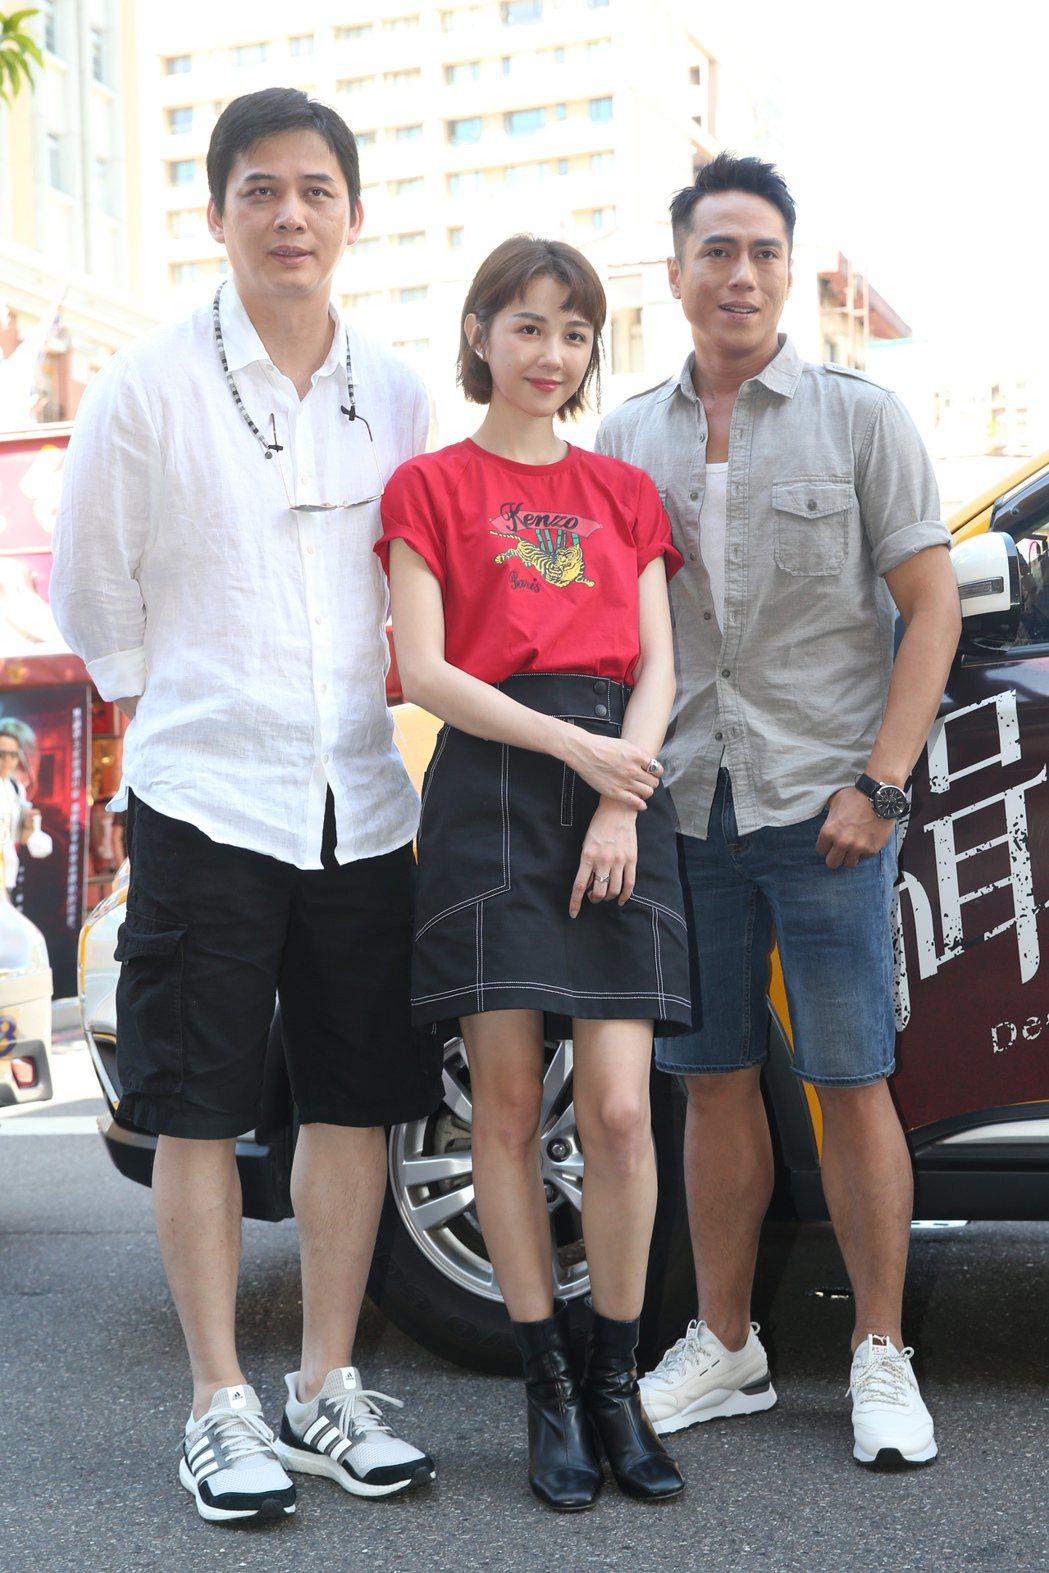 導演盧豐淵(左)與演員莊凱勛(右)、邵雨薇(中)出席電影《緝魔》專車祈福活動,三...